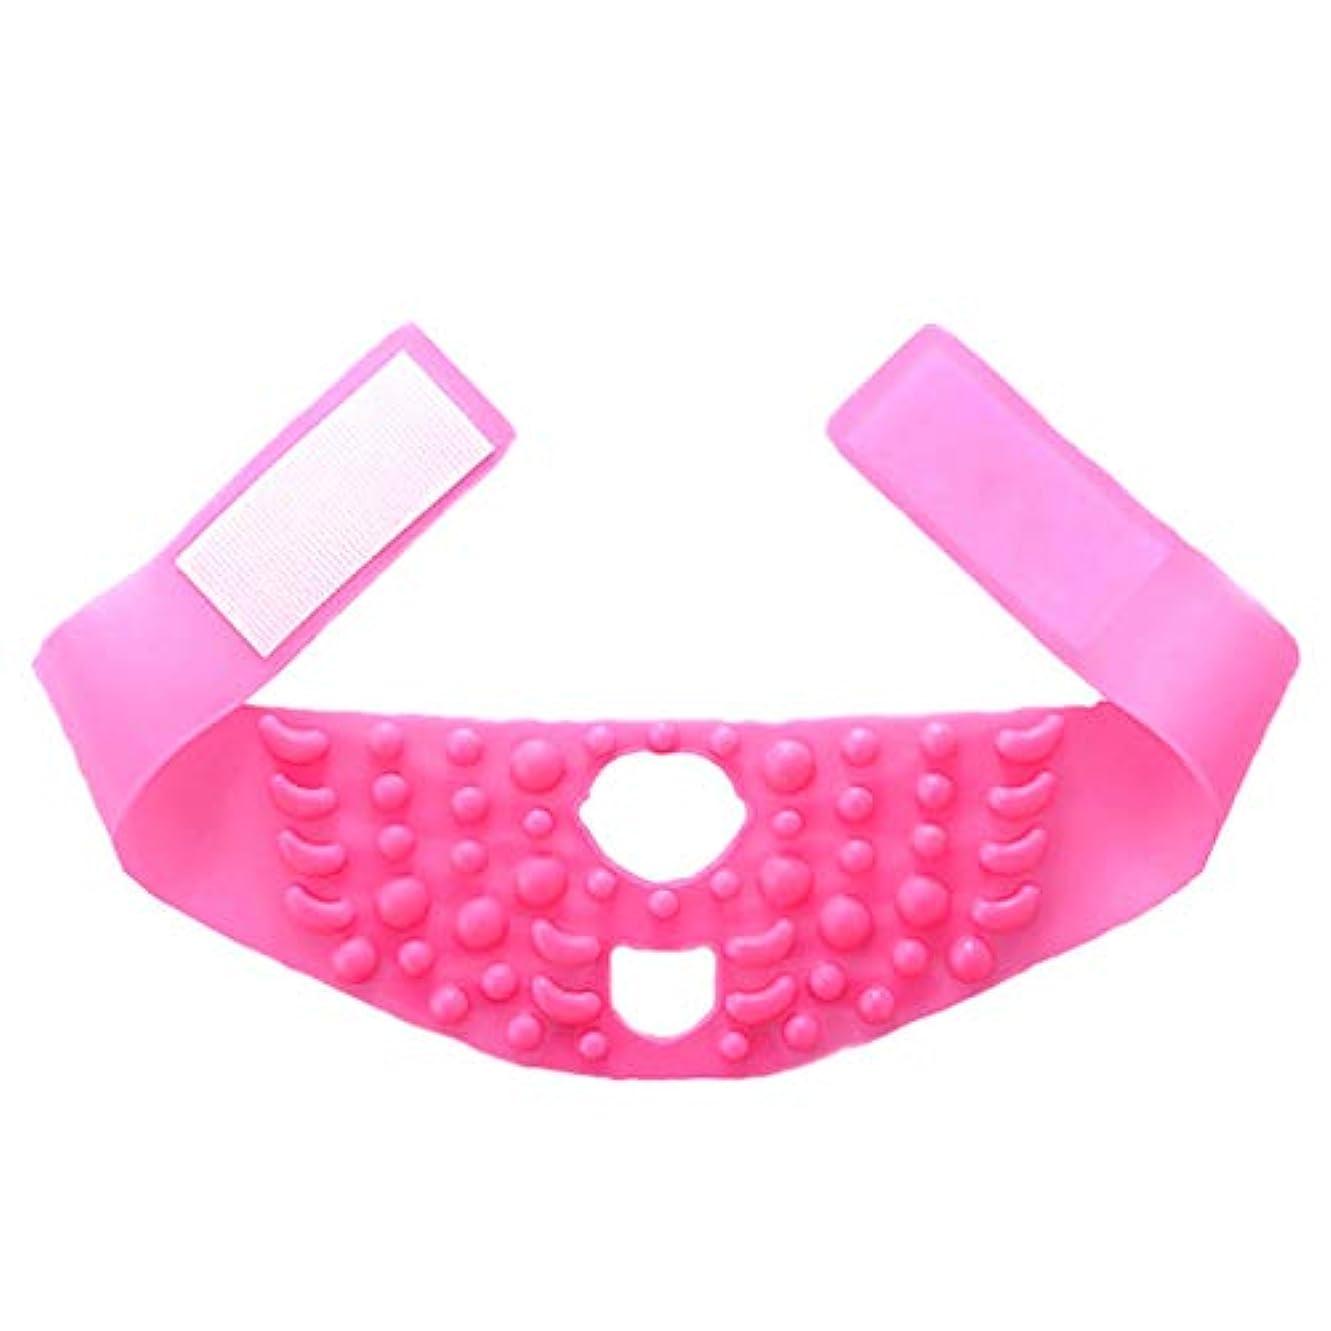 一般どちらも病気TLMY 顔の持ち上がるマスクのあごのリボンのシリコーンVのマスクのマスク強力な包帯Vの表面の人工物小さいVの顔の包帯顔および首の持ち上がるピンクのシリコーンの包帯 顔用整形マスク